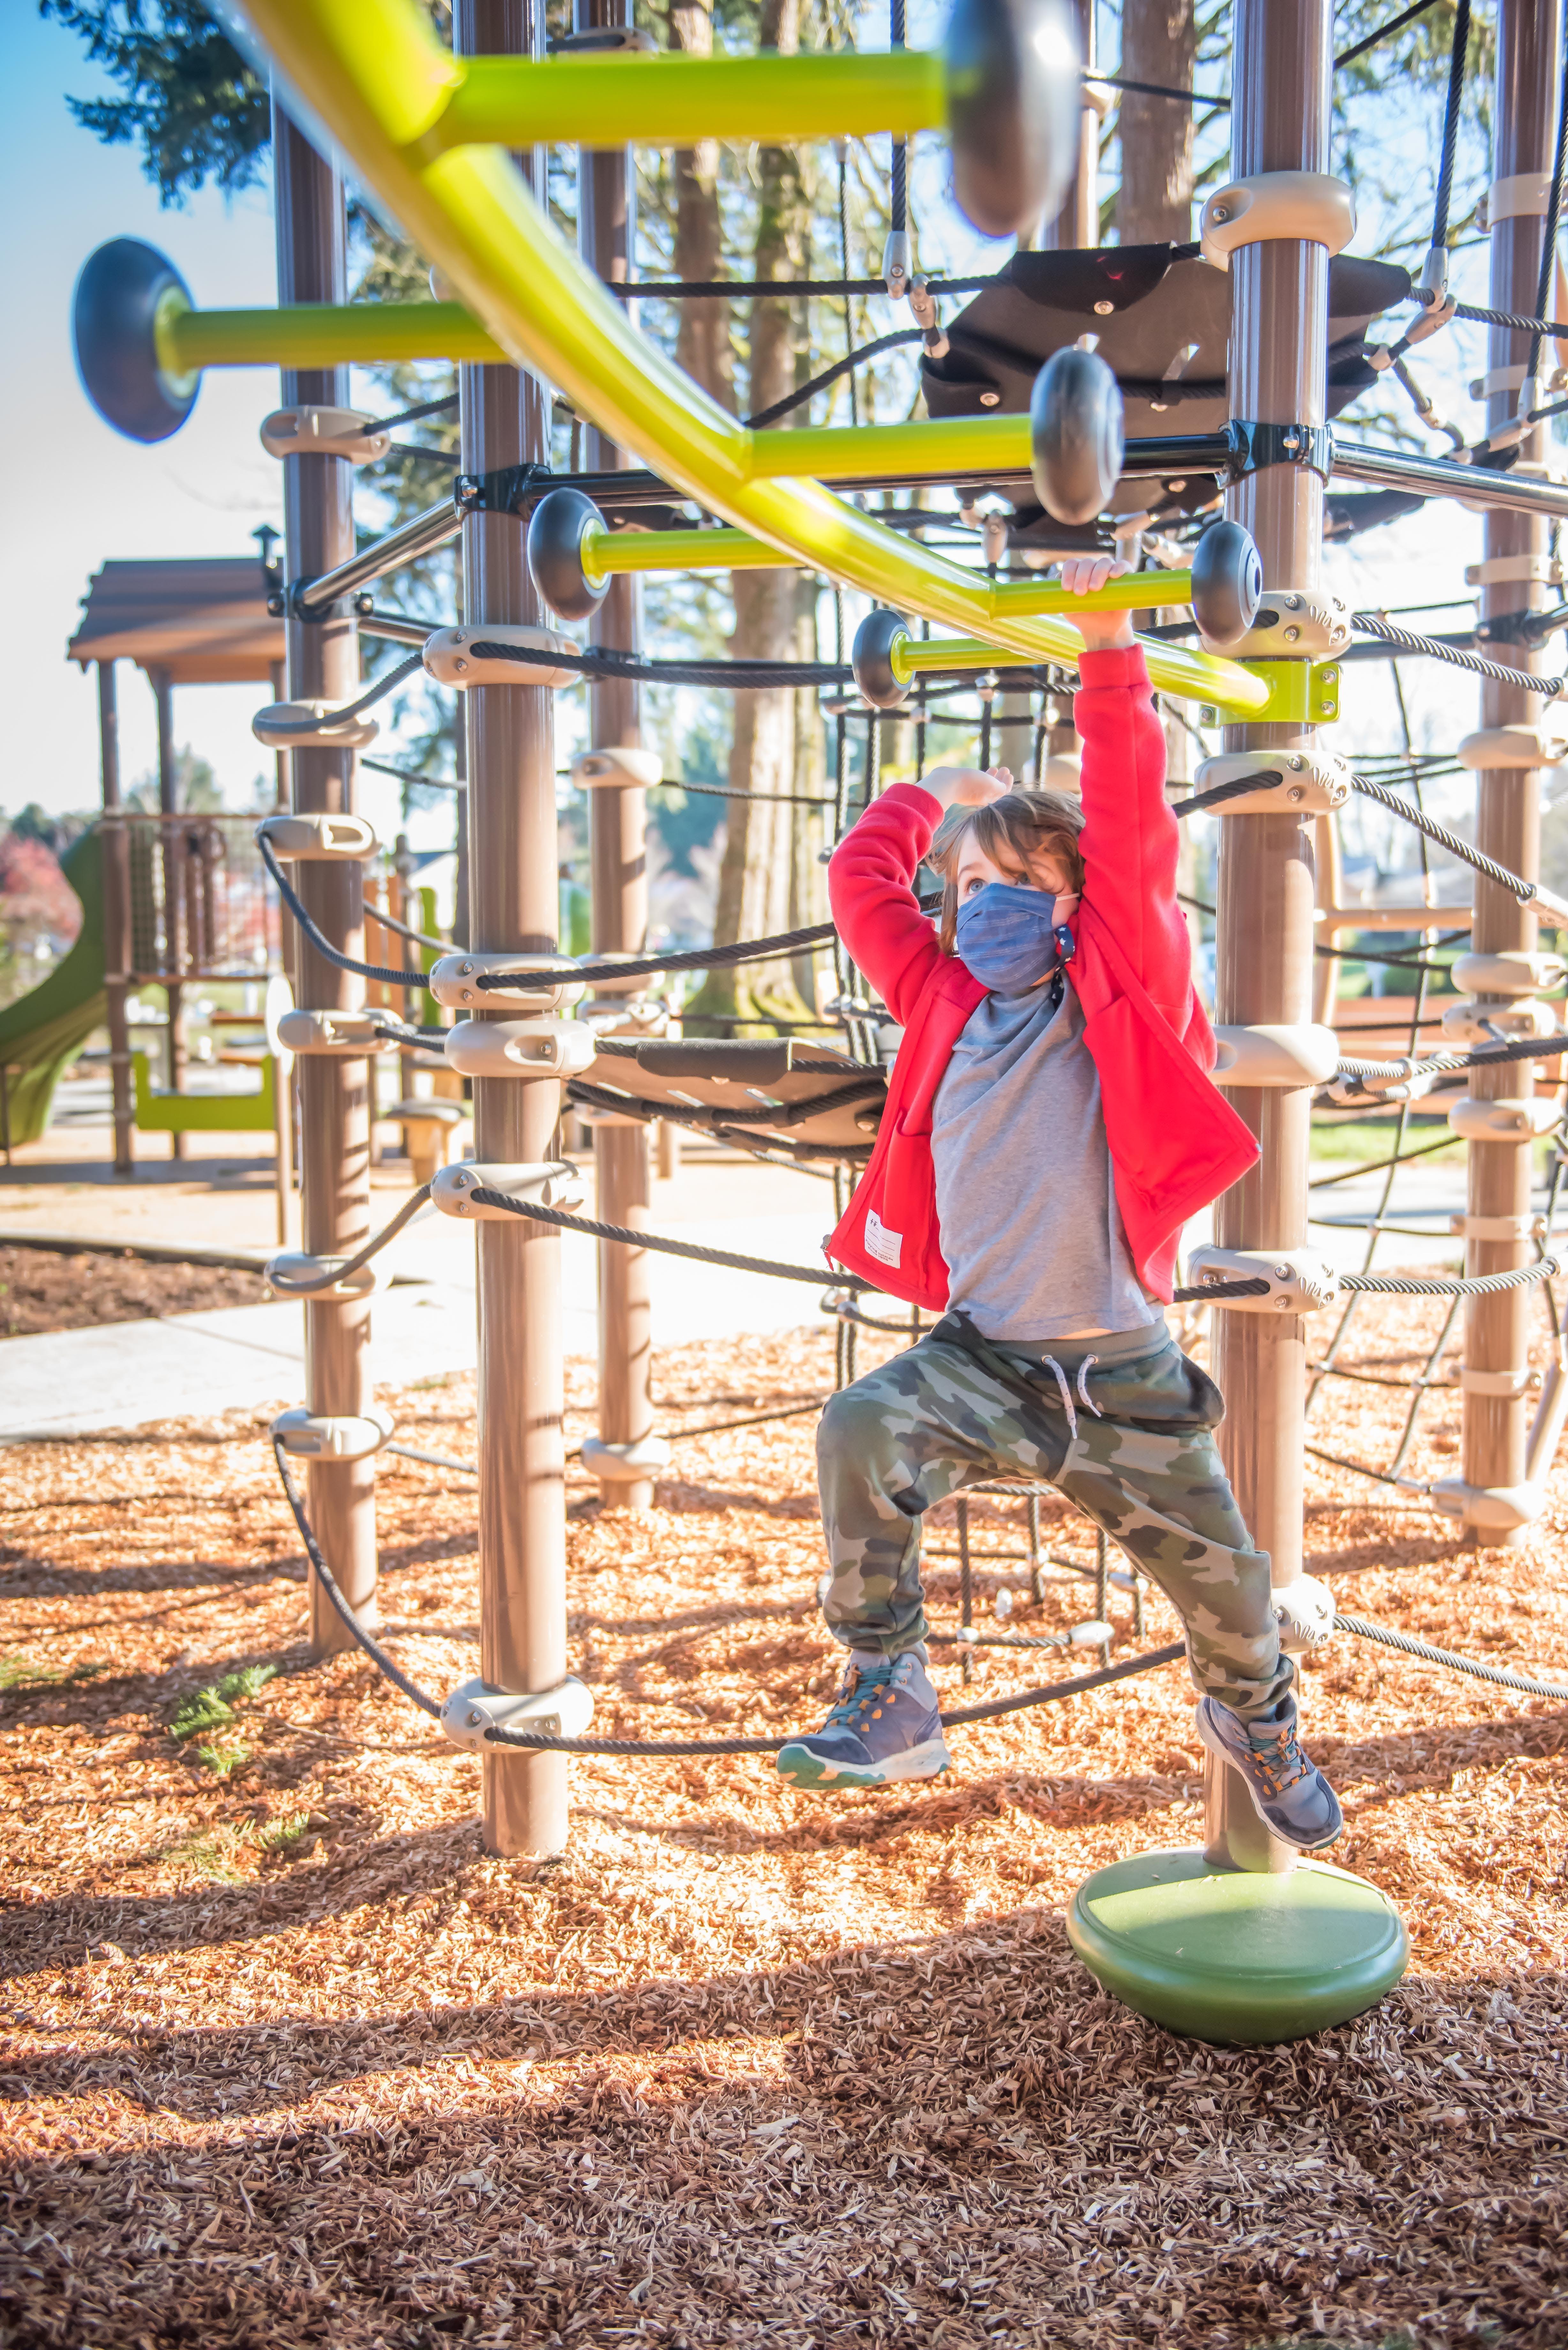 Dubois Park Climbing Structure.jpg